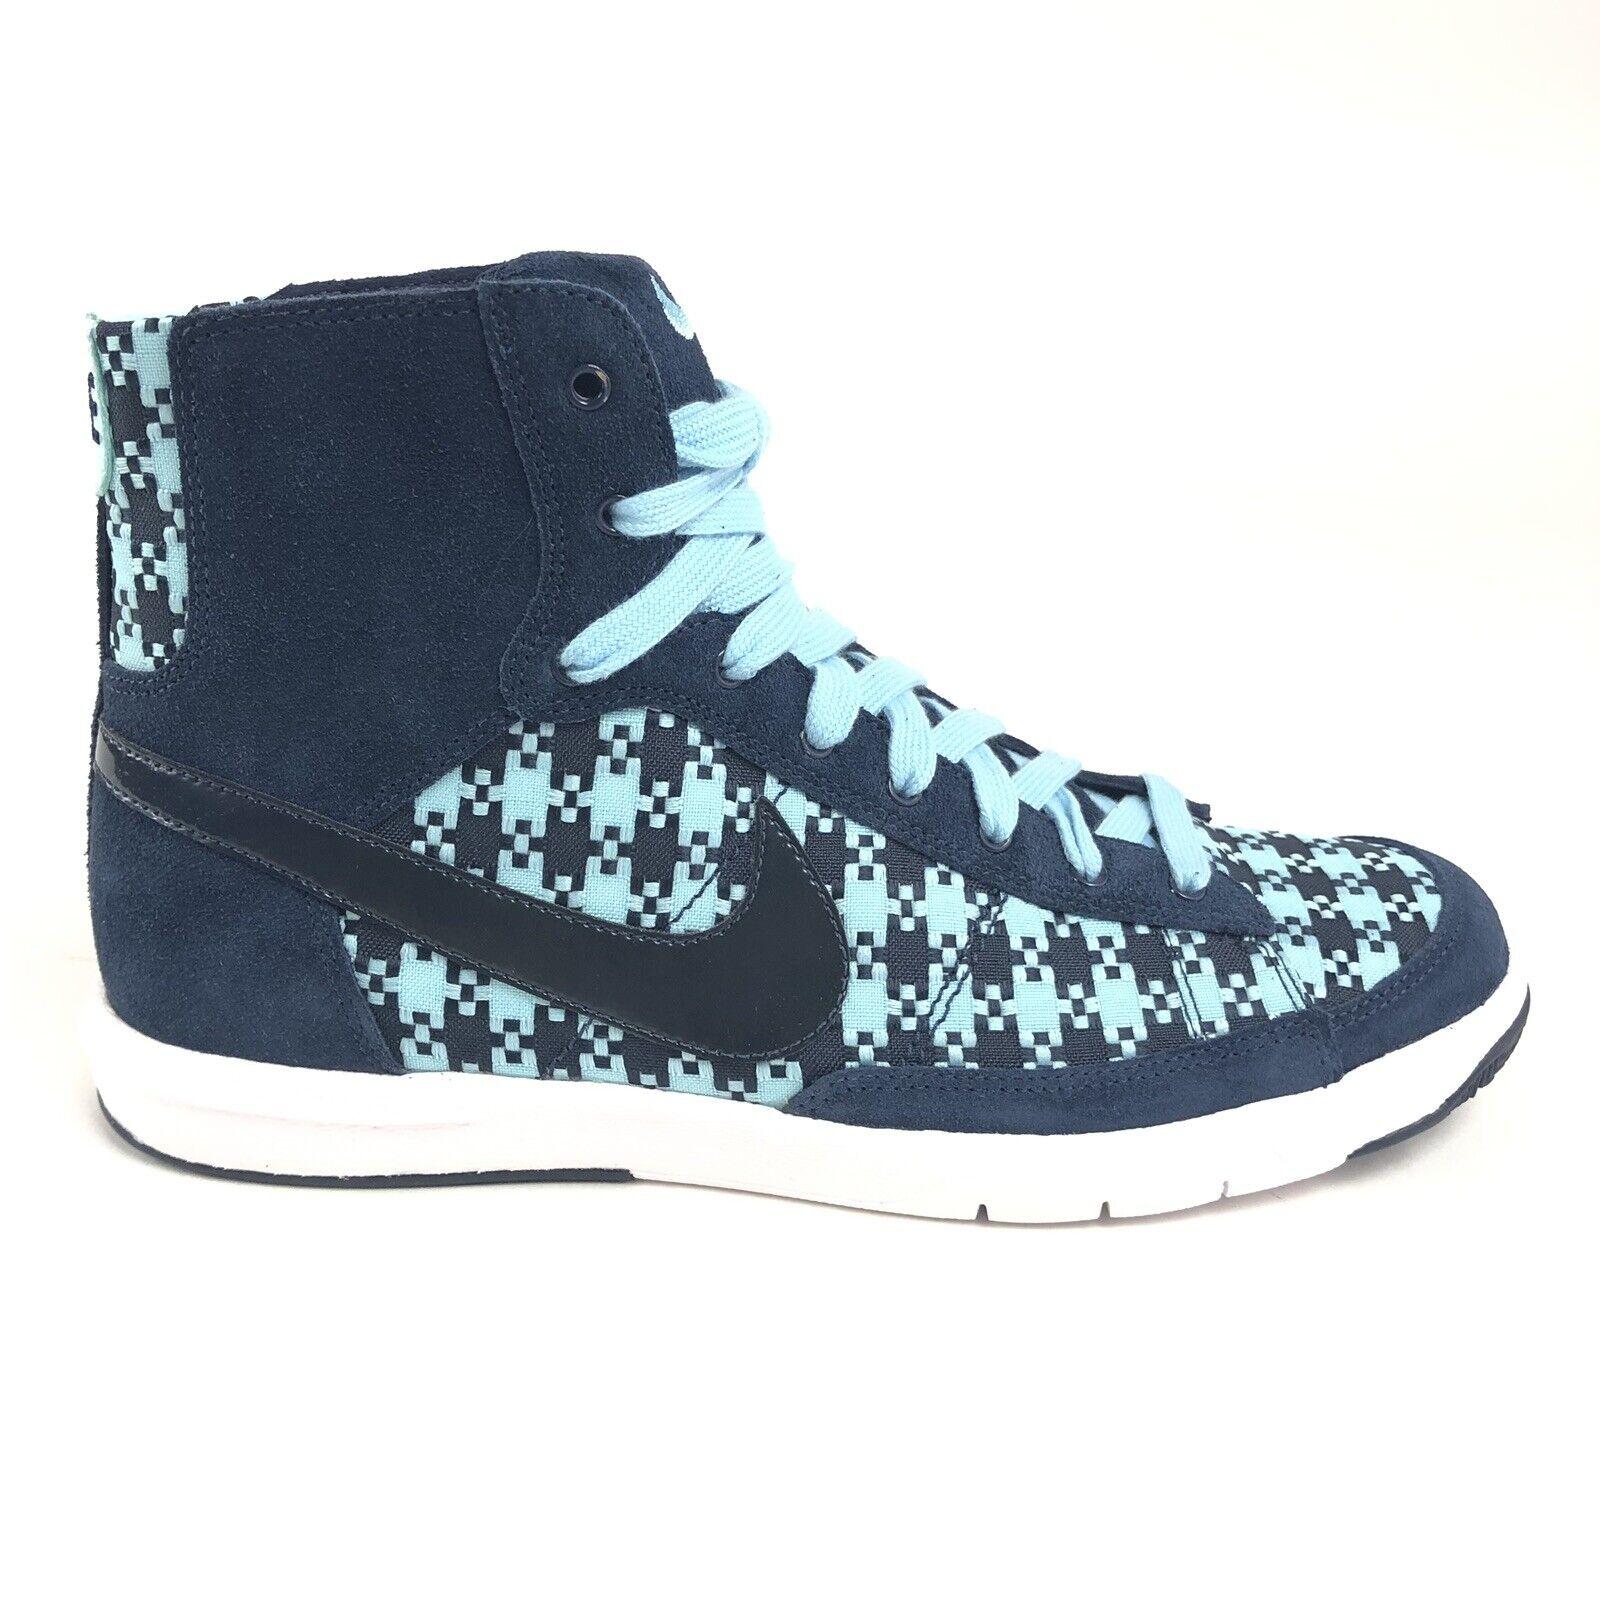 Nike donna Blazer Mid Obsidian blu Dimensione 11 Scarpe Sue  Retro 313722 -400  marche online vendita a basso costo